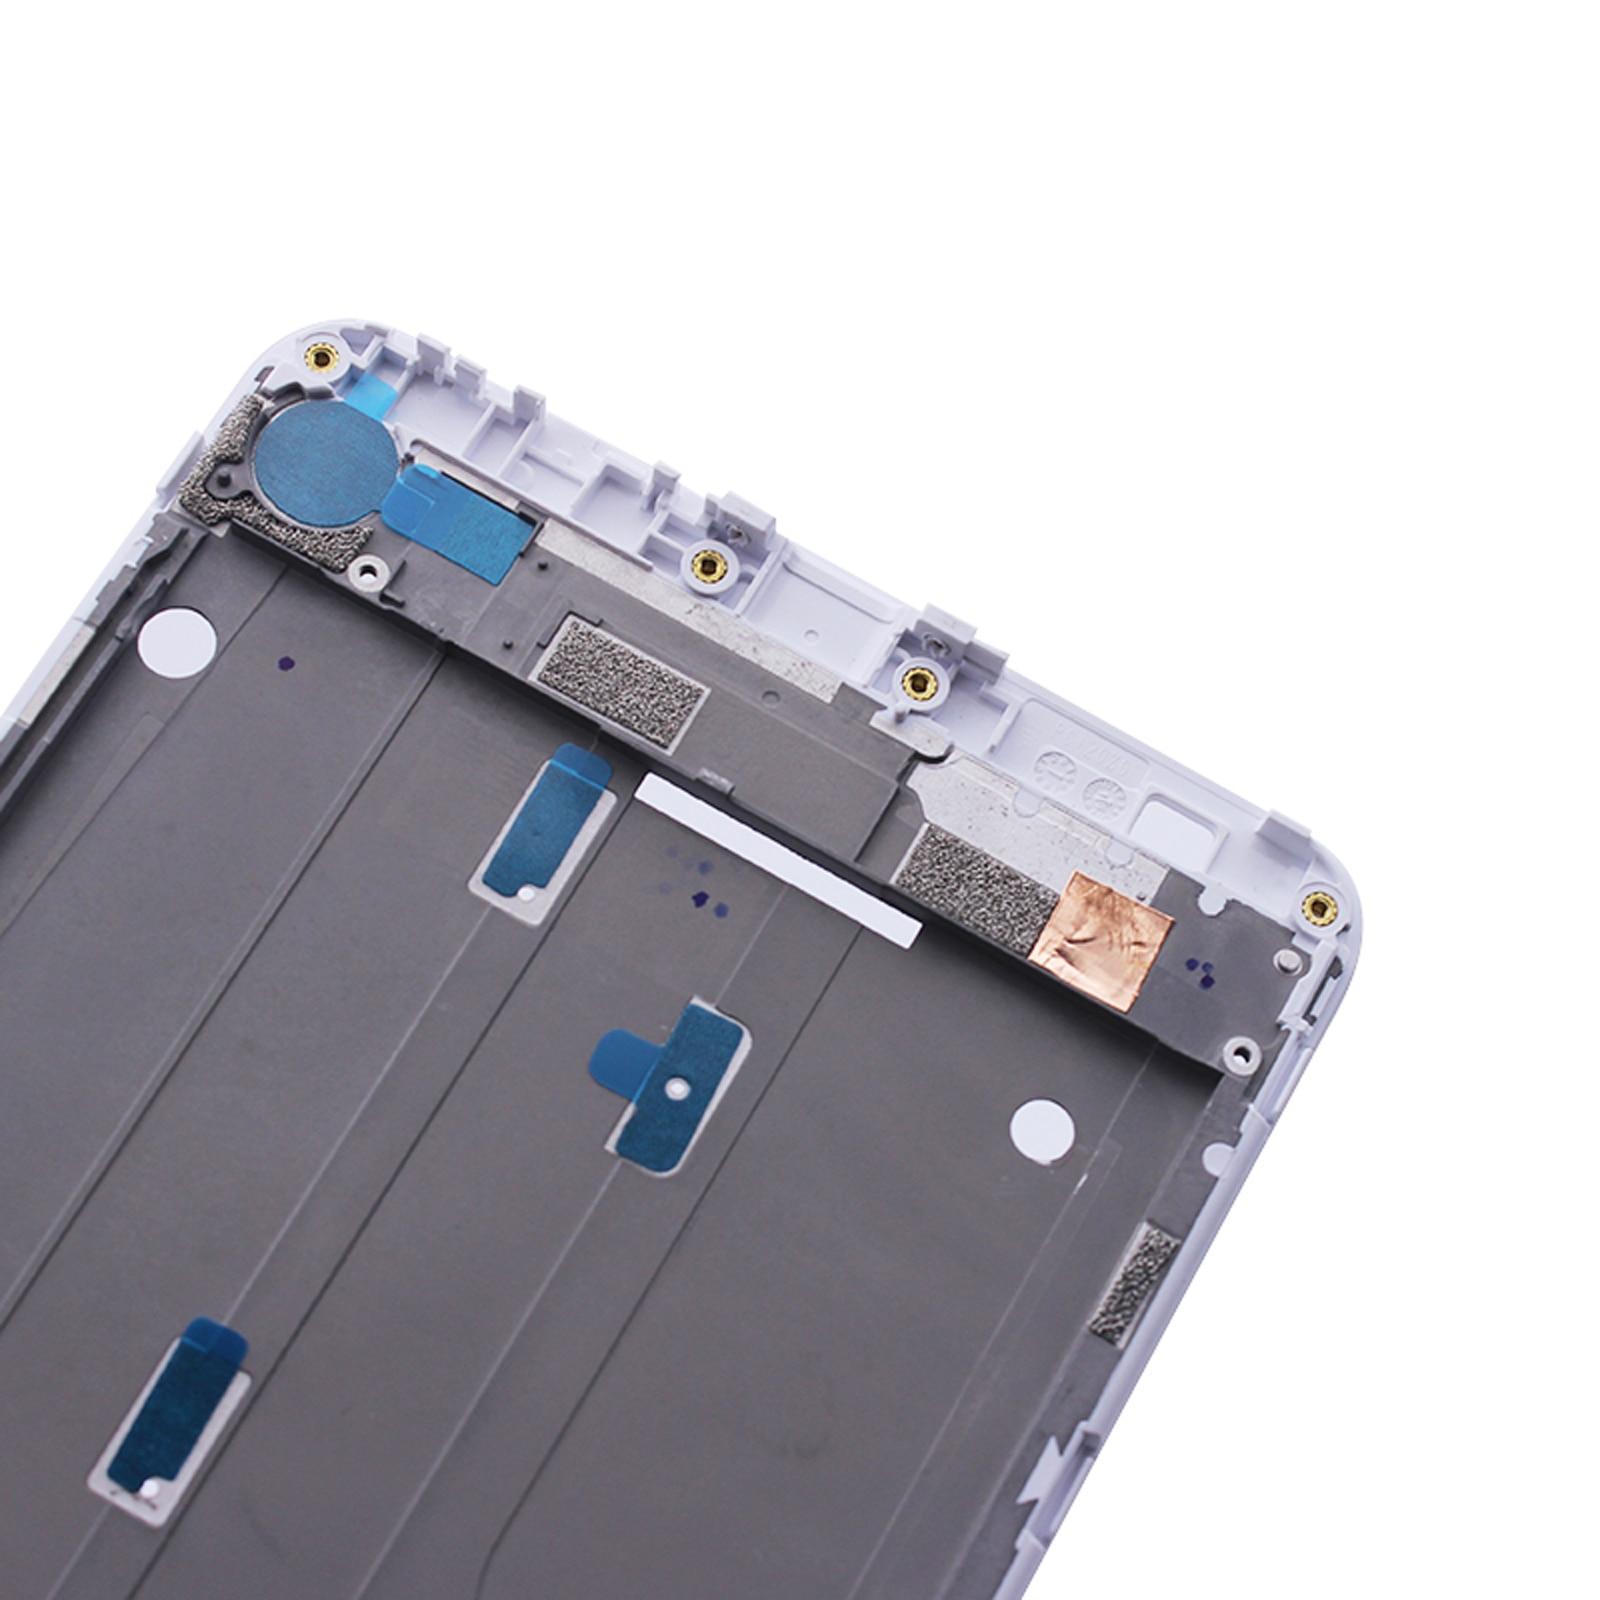 """מקרנים ופלאזמות Shyueda על המקורי בניו 6.44"""" במשך Xiaomi Mi מקס 2 MDE40 MDi40 MDT40 קדמי מסגרת התיכון מסך Bezel והשיכון (4)"""